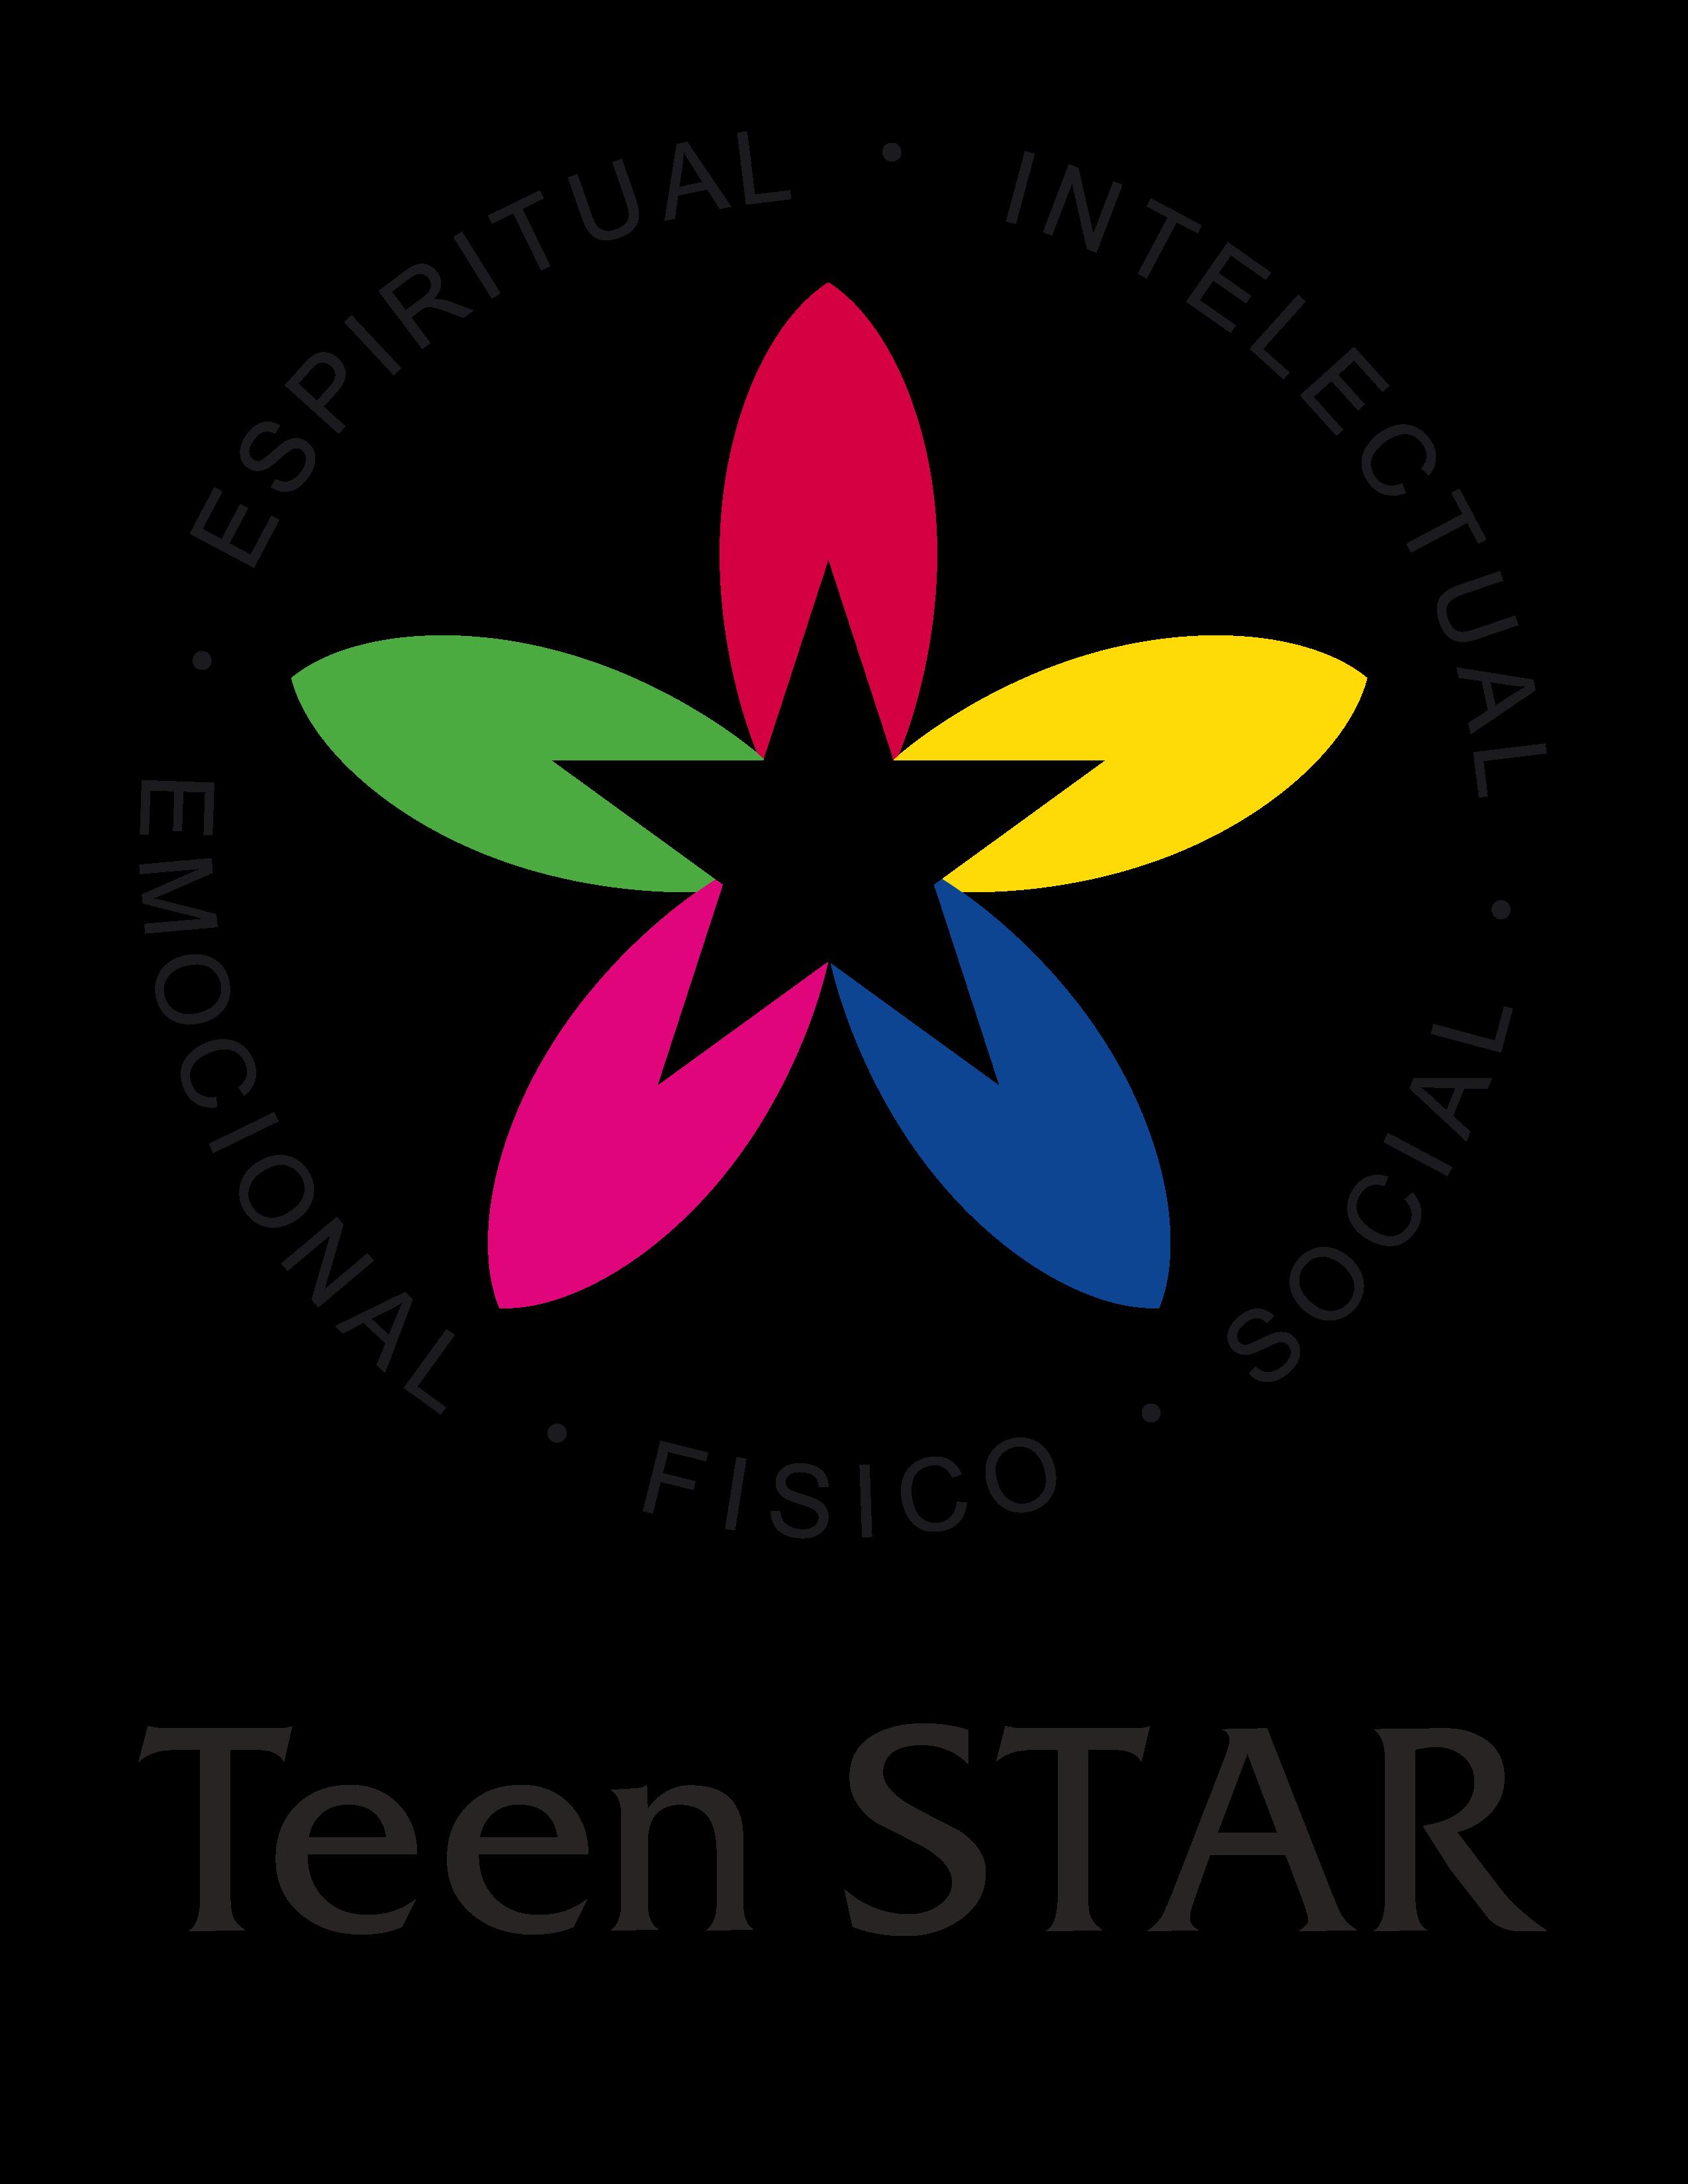 Empresas Desafio10x: Centro de capacitación Teen STAR Chile LTDA